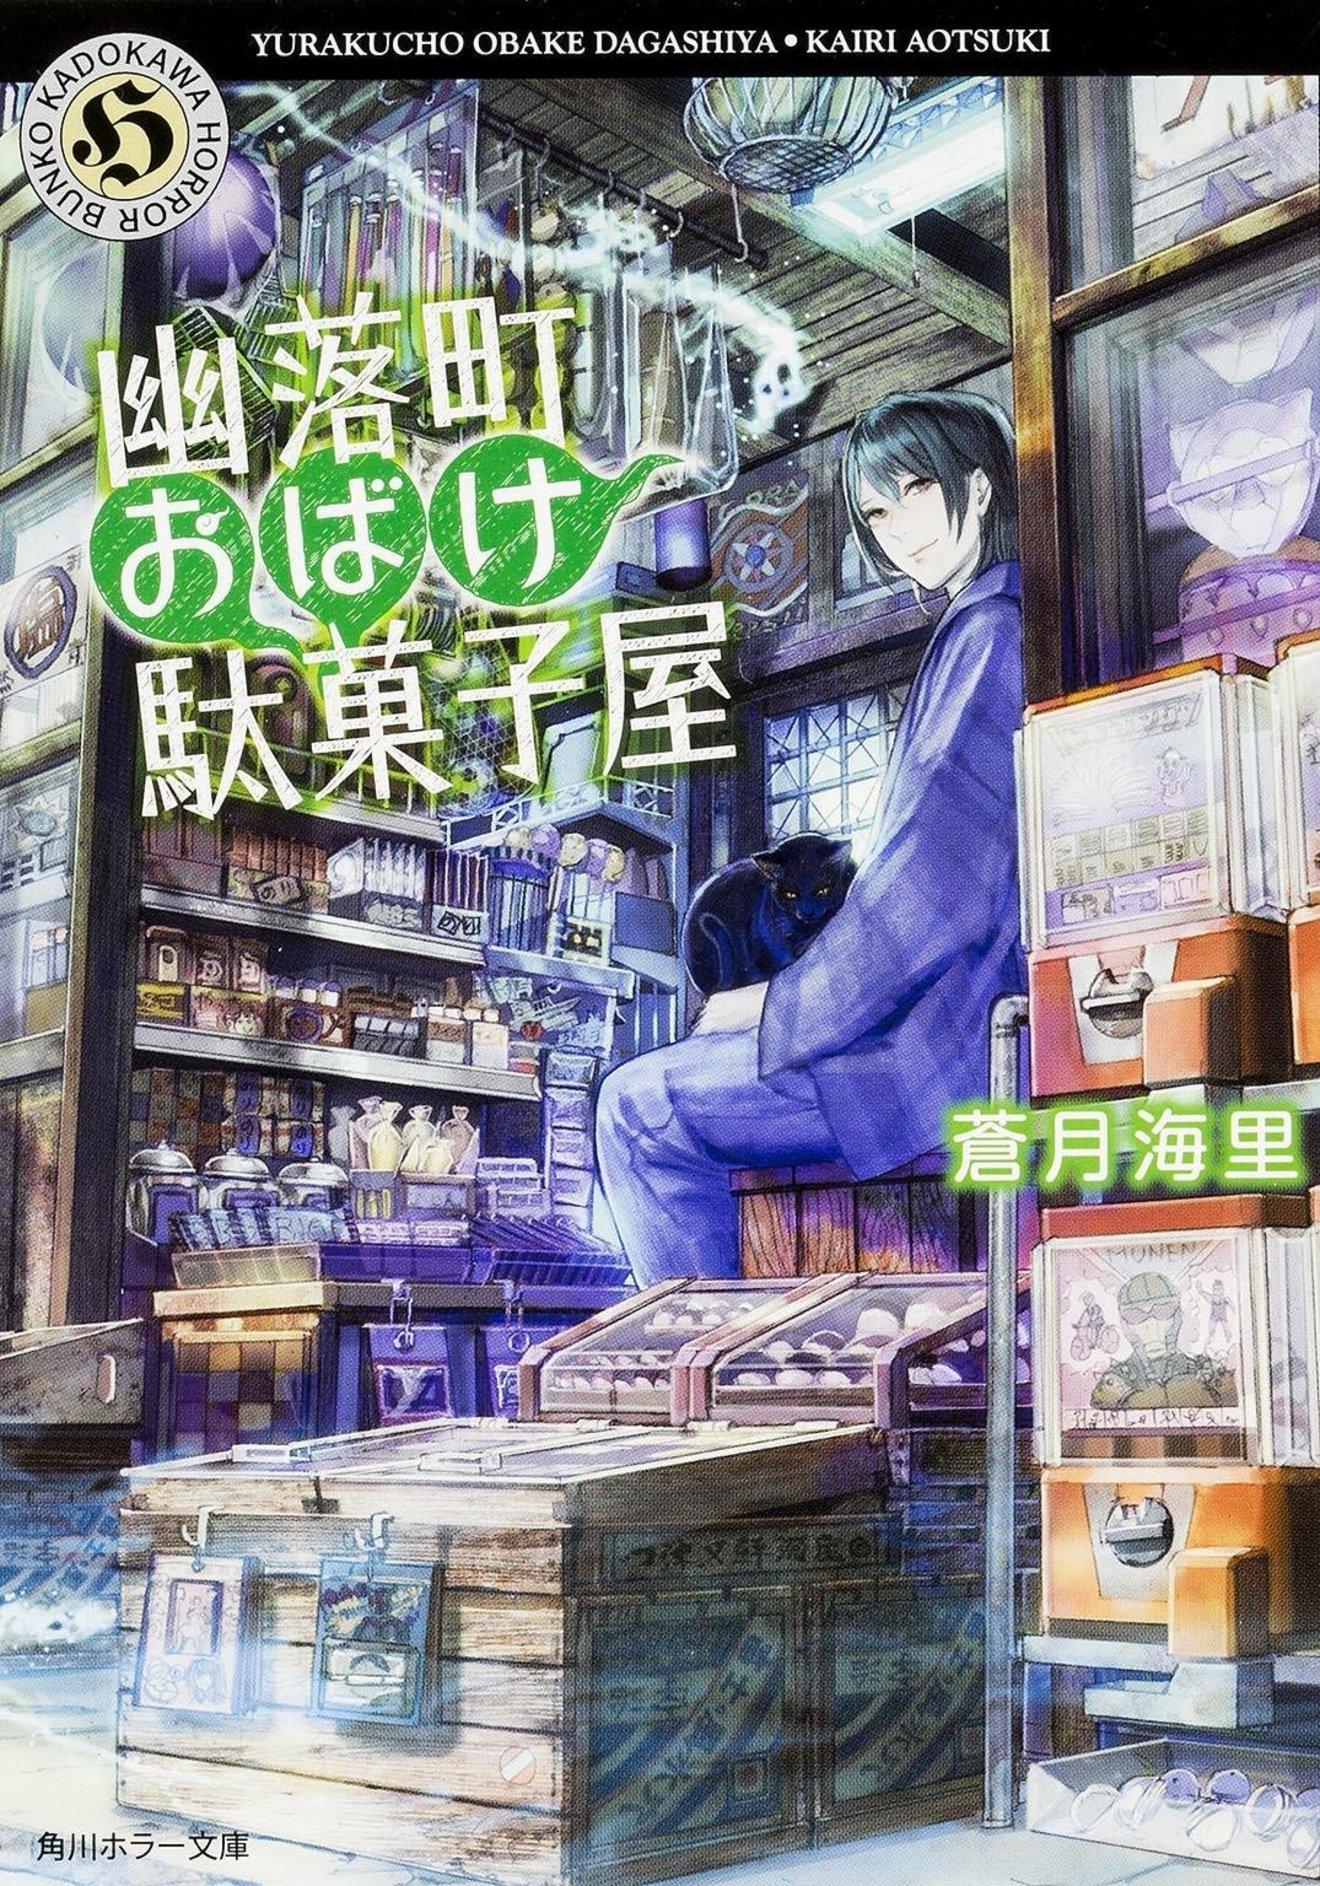 蒼月海里おすすめ小説4選!本屋好きにはたまらない「幻想古書店」シリーズ他